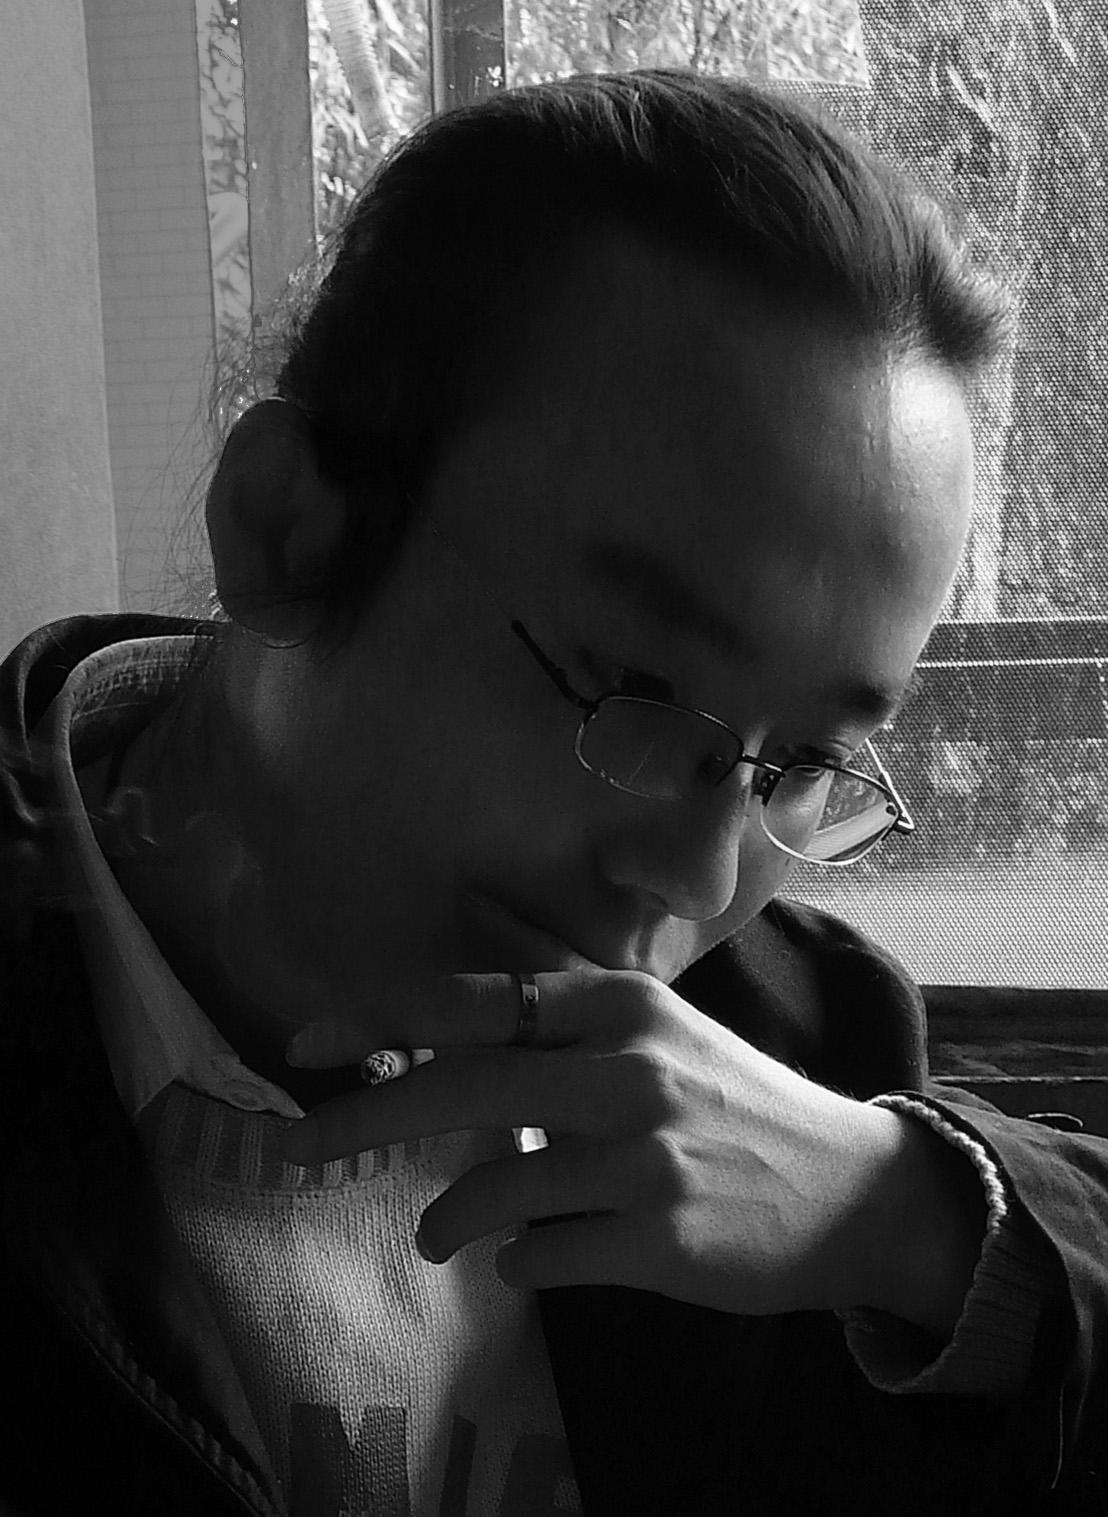 深圳晶志装饰设计工程有限公司-刘杰